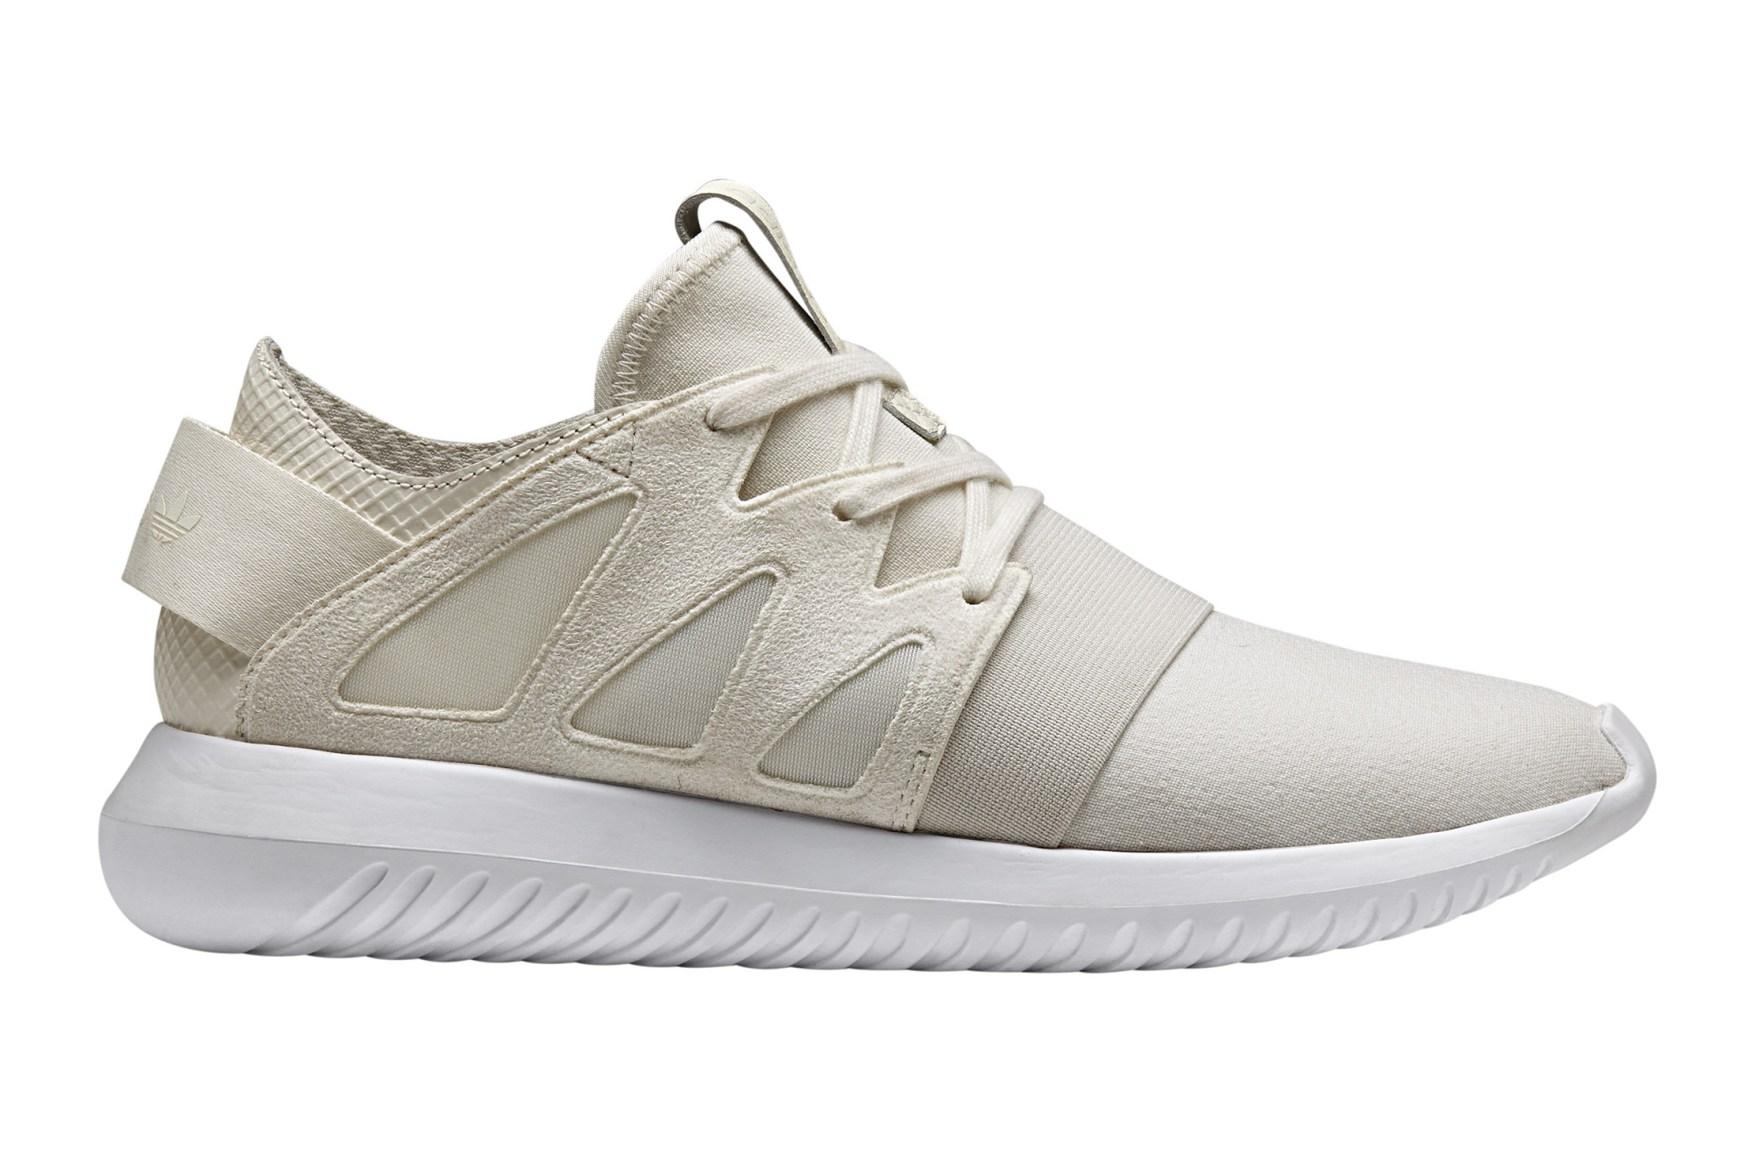 Mesdames Adidas dévoile un nouveau pack «Geometric» pour la Tubular Viral !